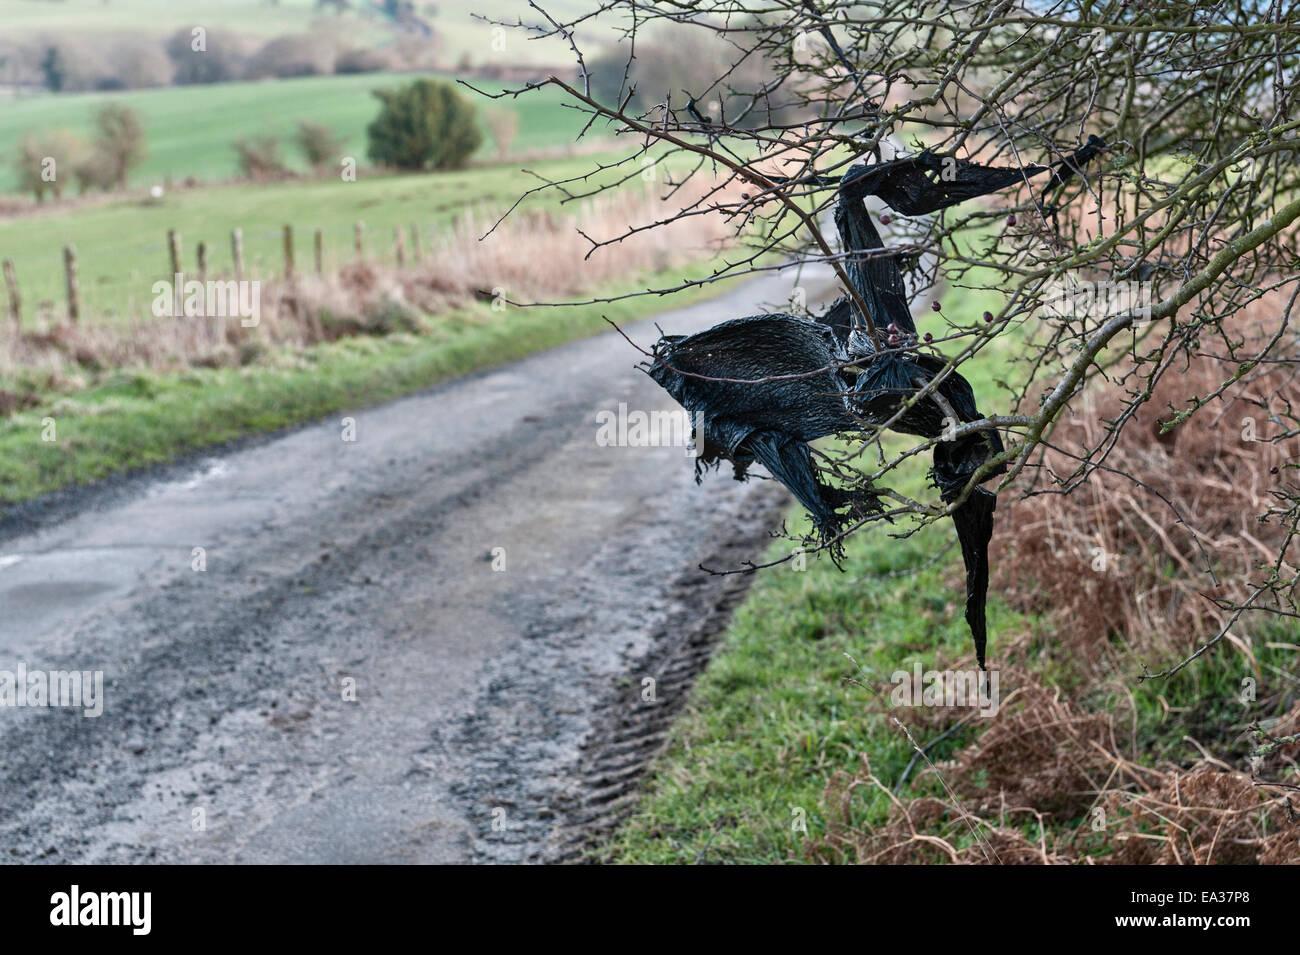 La ballerina - nero teloni di plastica catturati in una siepe, Wales, Regno Unito. Immagini Stock